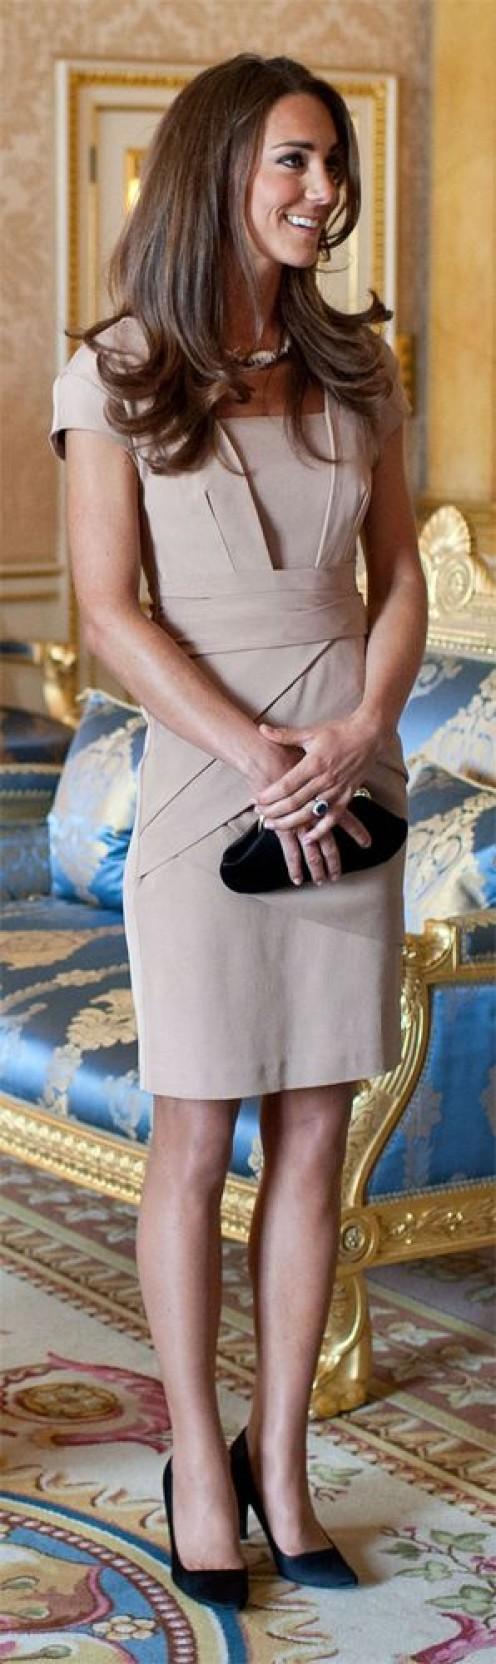 Kate Middleton style.